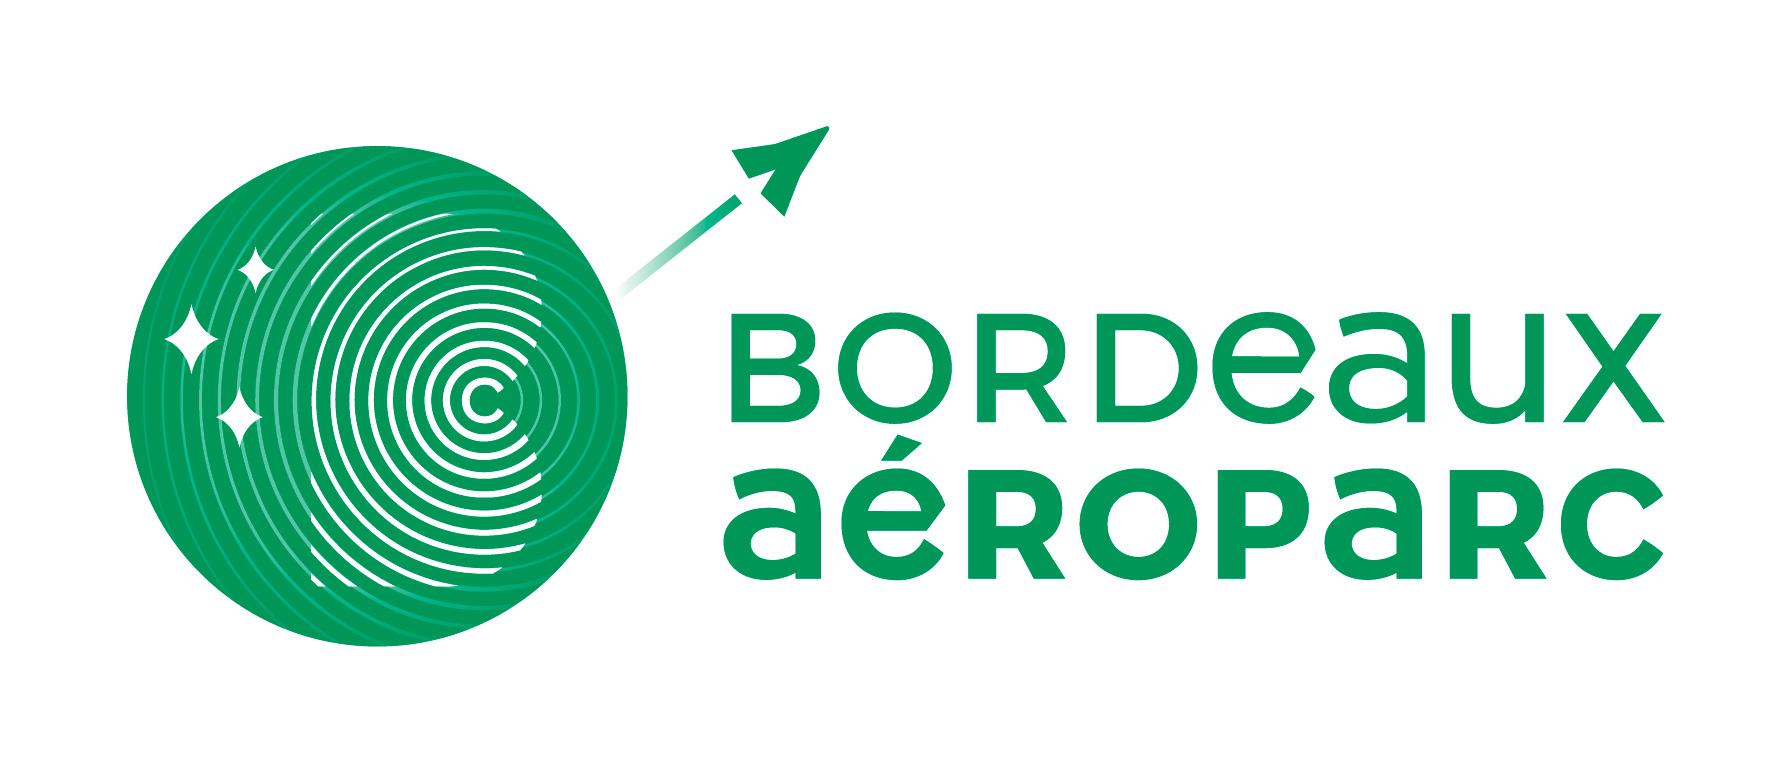 bordeaux_aeroparc-logo_rvb.jpg